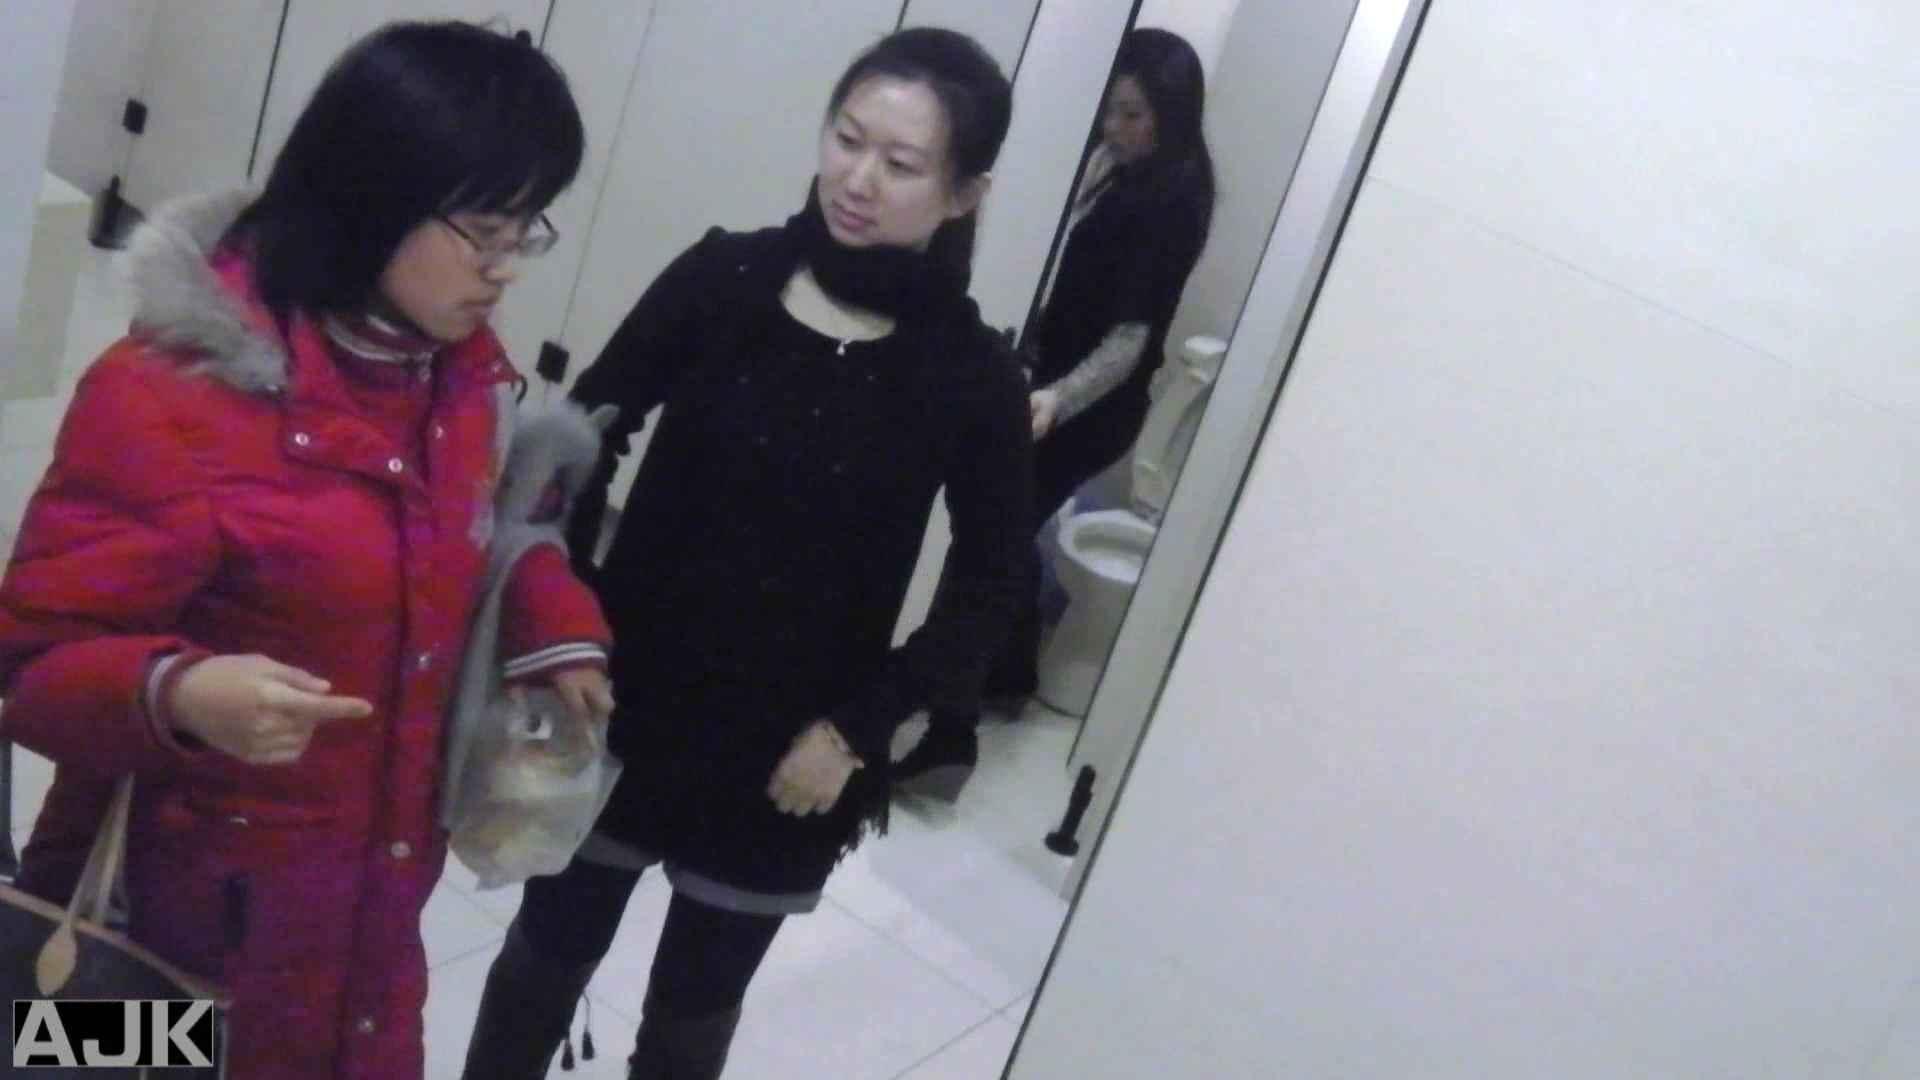 隣国上階級エリアの令嬢たちが集うデパートお手洗い Vol.27 お手洗い  59連発 22